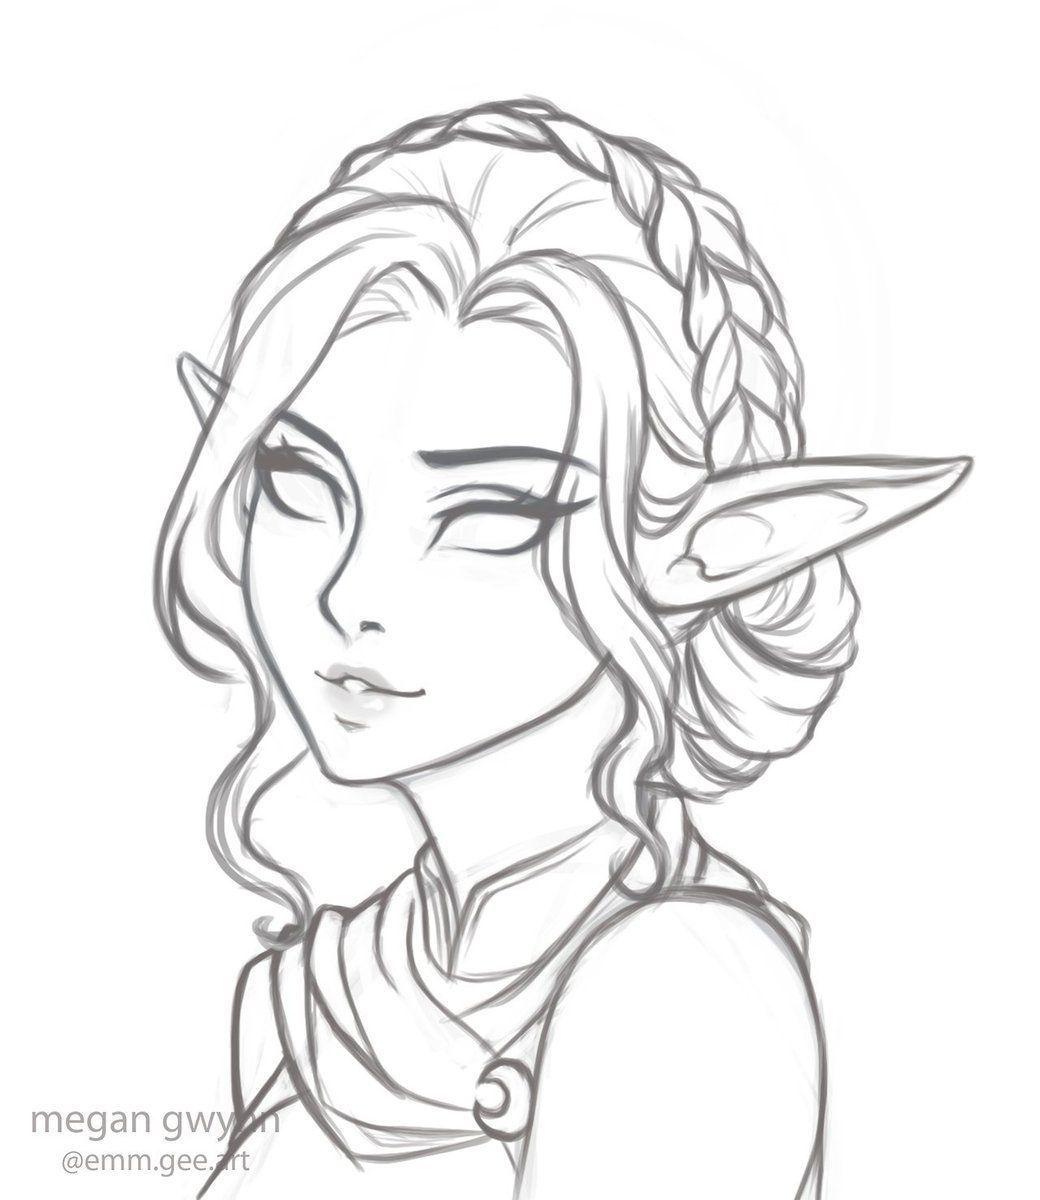 Megantron On Twitter My Dnd Babe Dungeonsanddragons Ranger Moonelf Nightelf Art Sketches Megantron Twitter In 2020 Elf Drawings Sketches Drawing Sketches